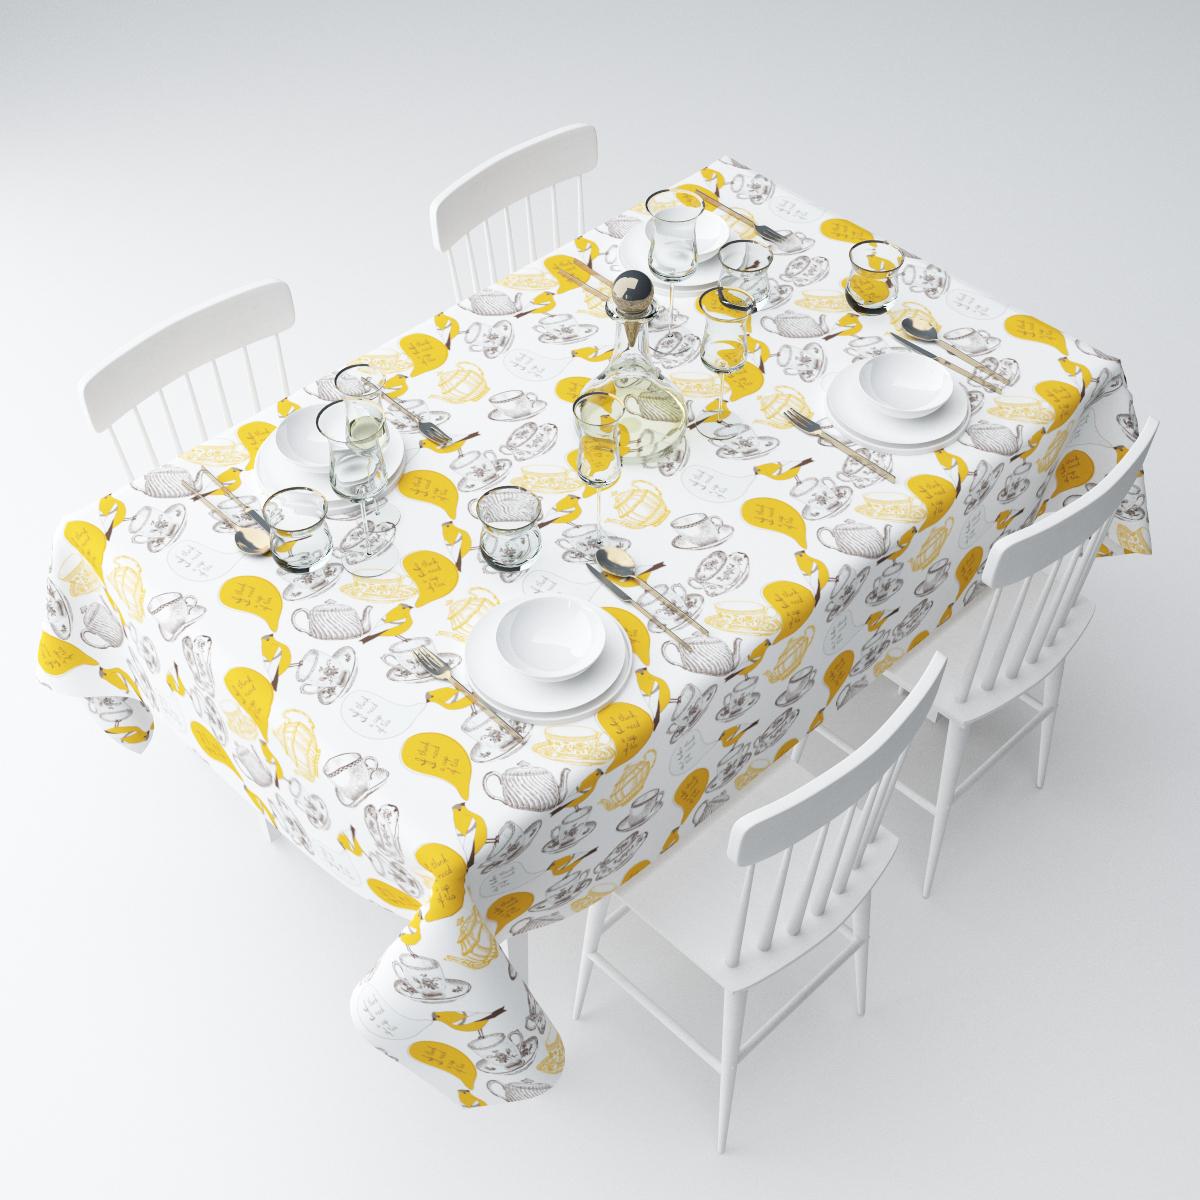 Скатерть Сирень Чашка чая, прямоугольная, 145 х 220 смСКГБ004-04463Прямоугольная скатерть Сирень Чашка чая, выполненная из габардина с ярким рисунком, преобразит вашу кухню, визуально расширит пространство, создаст атмосферу радости и комфорта. Рекомендации по уходу: стирка при 30 градусах, гладить при температуре до 110 градусов.Размер скатерти: 145 х 220 см. Изображение может немного отличаться от реального.